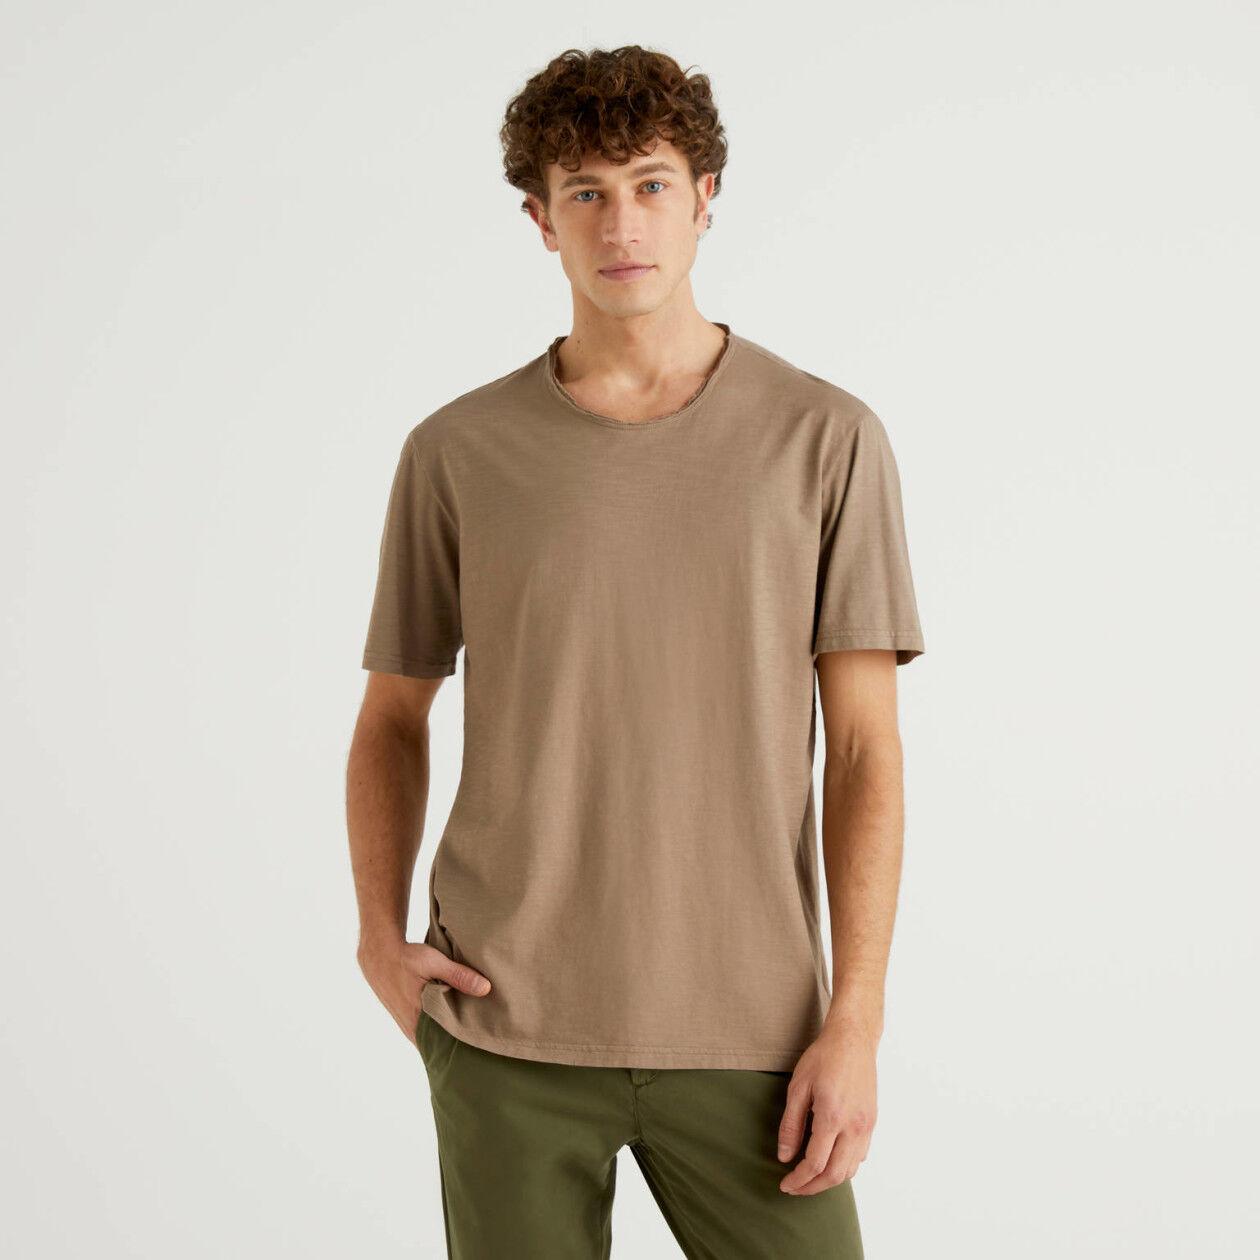 Taubengraues T-Shirt aus reiner Baumwolle